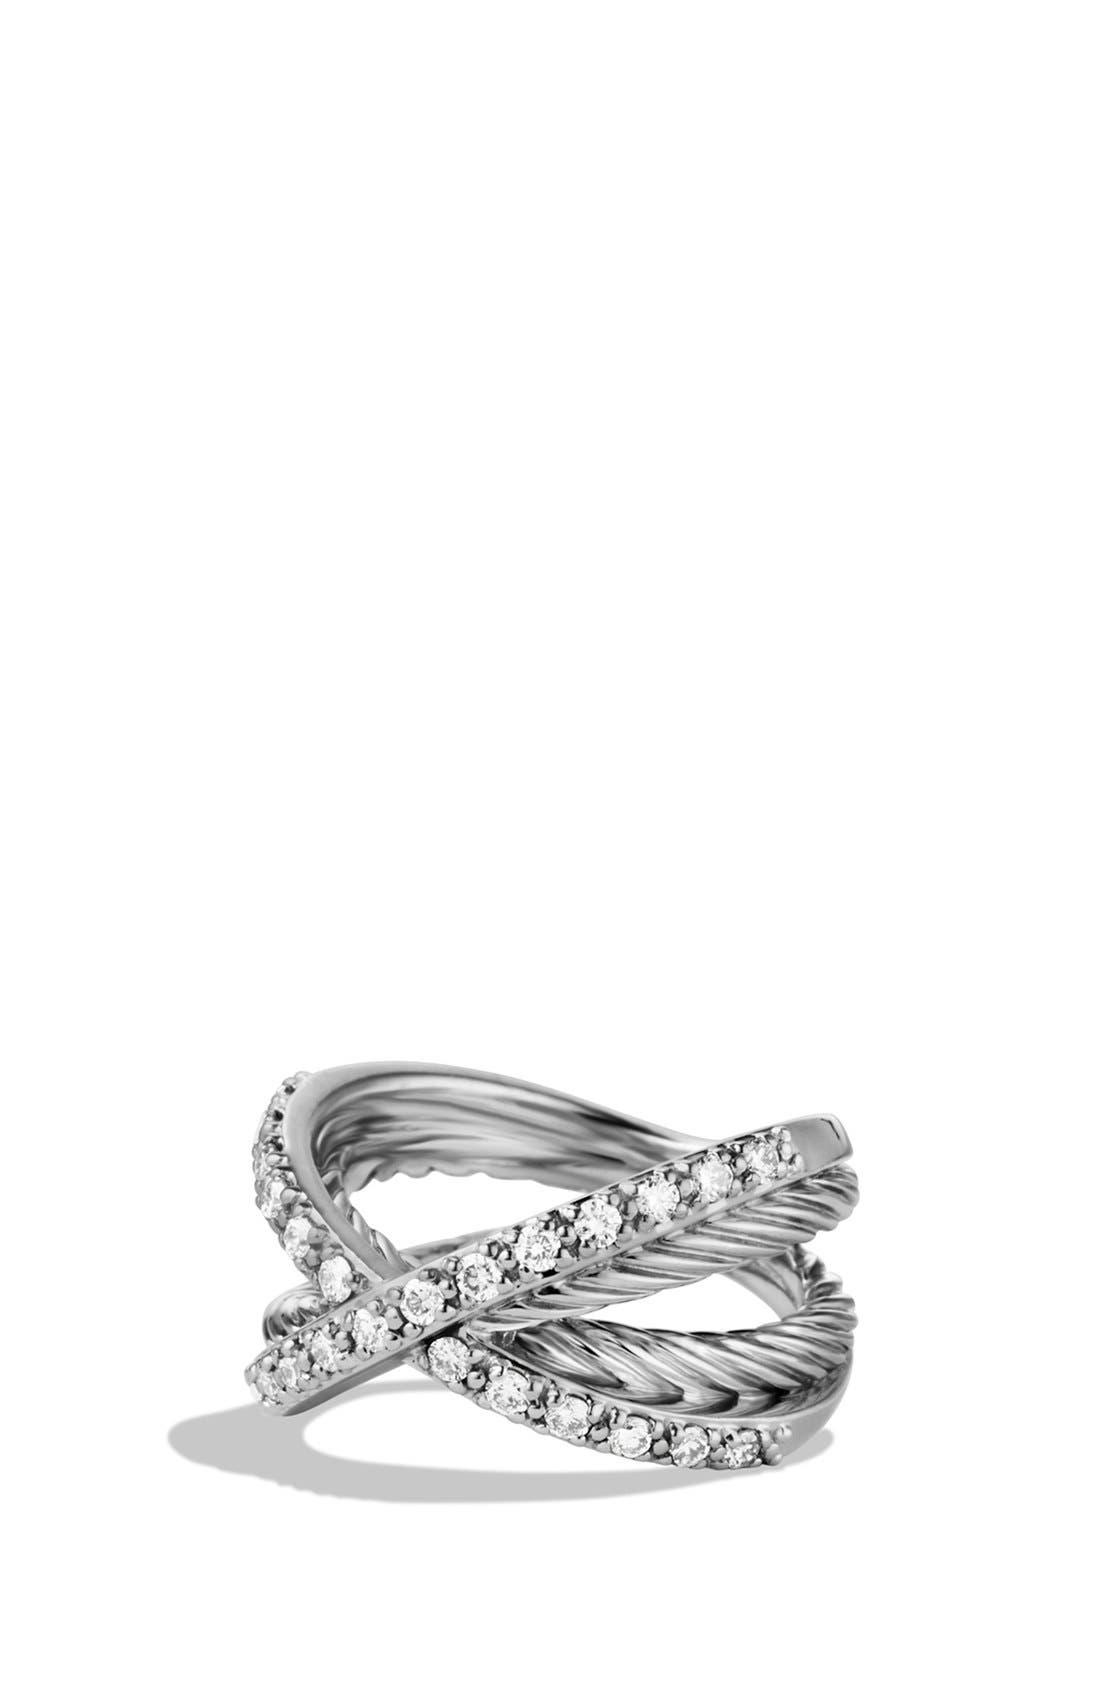 Main Image - David Yurman 'Crossover' Pavé Diamond Ring